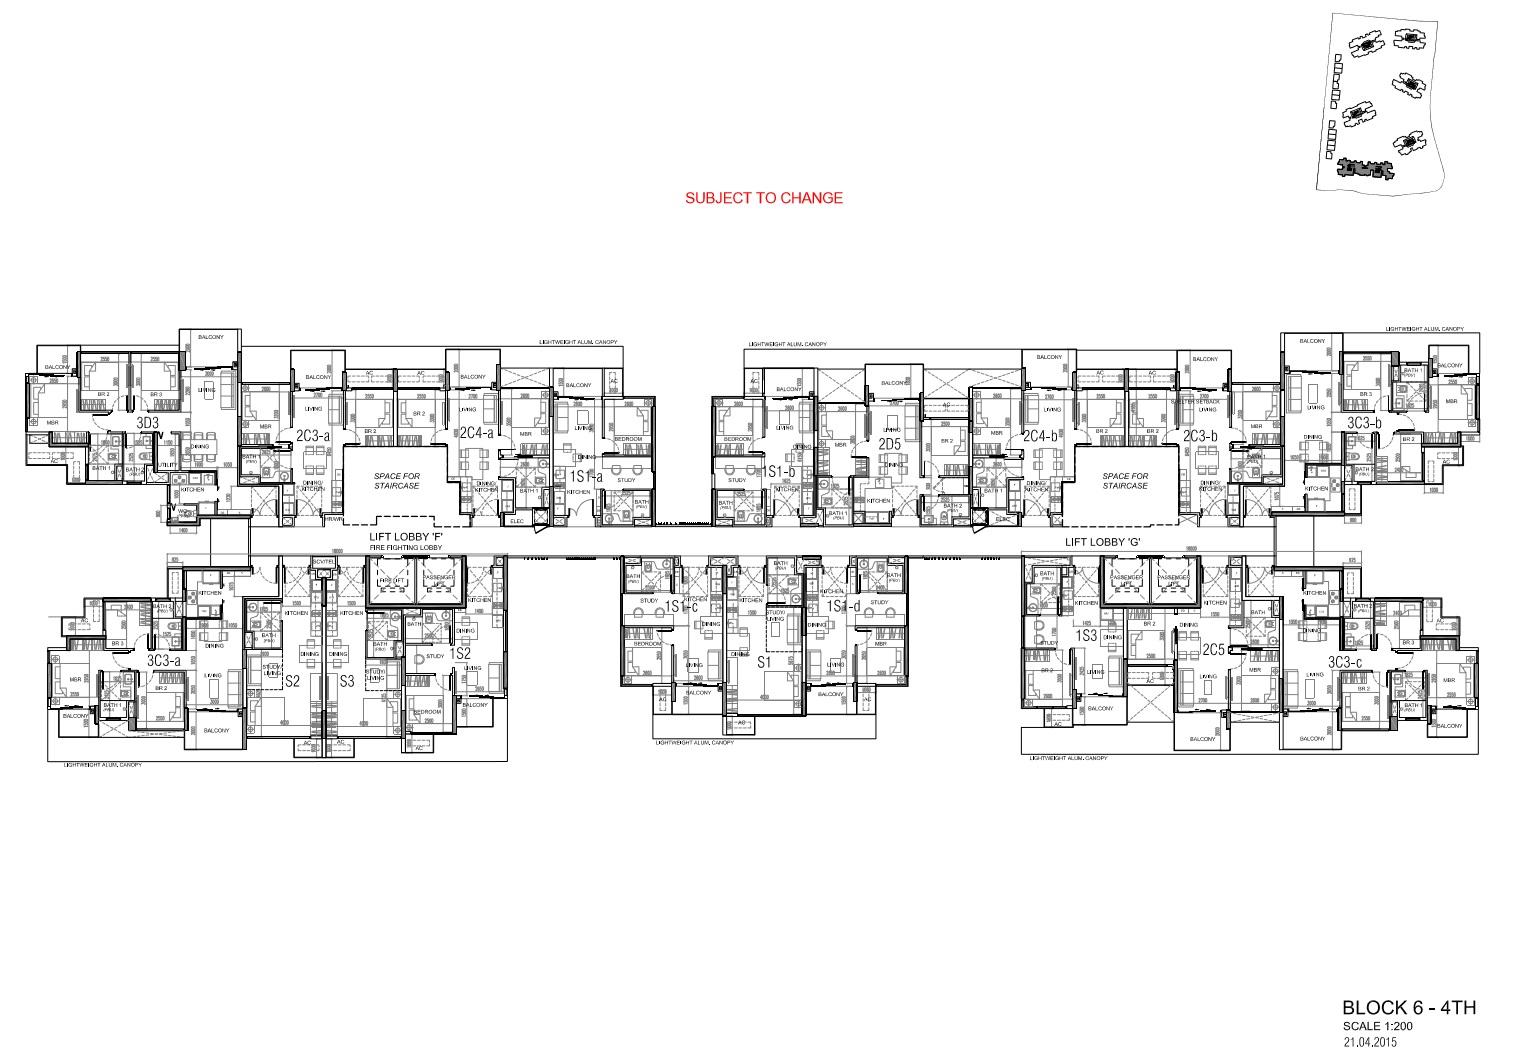 Site Plan Block 31